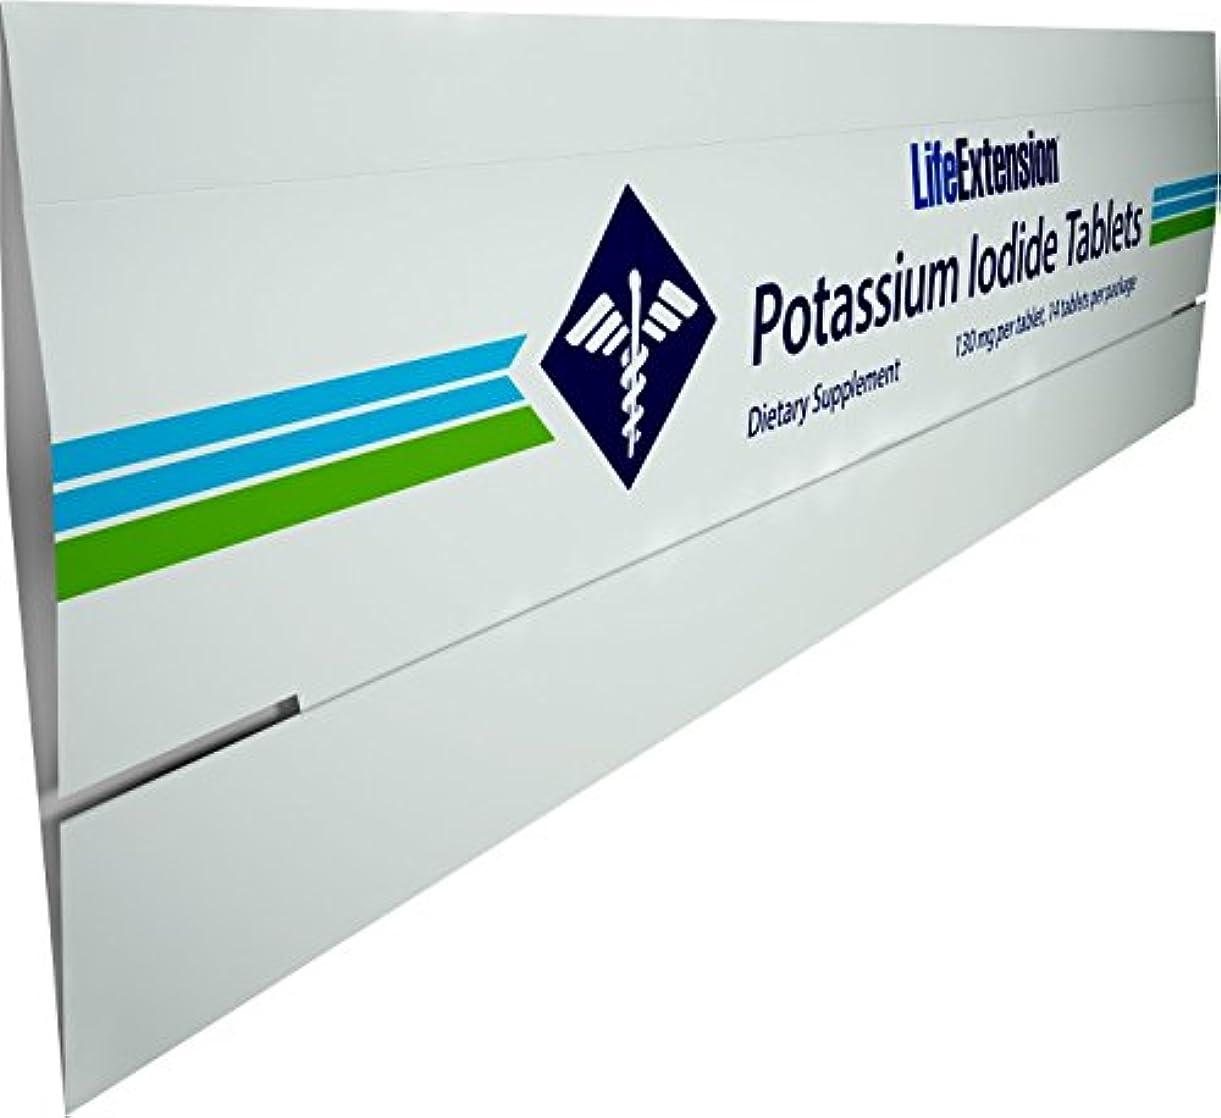 ためにブランチ誤解を招く【短期間用:ヨウ化カリウム】 Life Extension - Potassium Iodide Tablets 130 mg - 14錠  ~海外直送品~